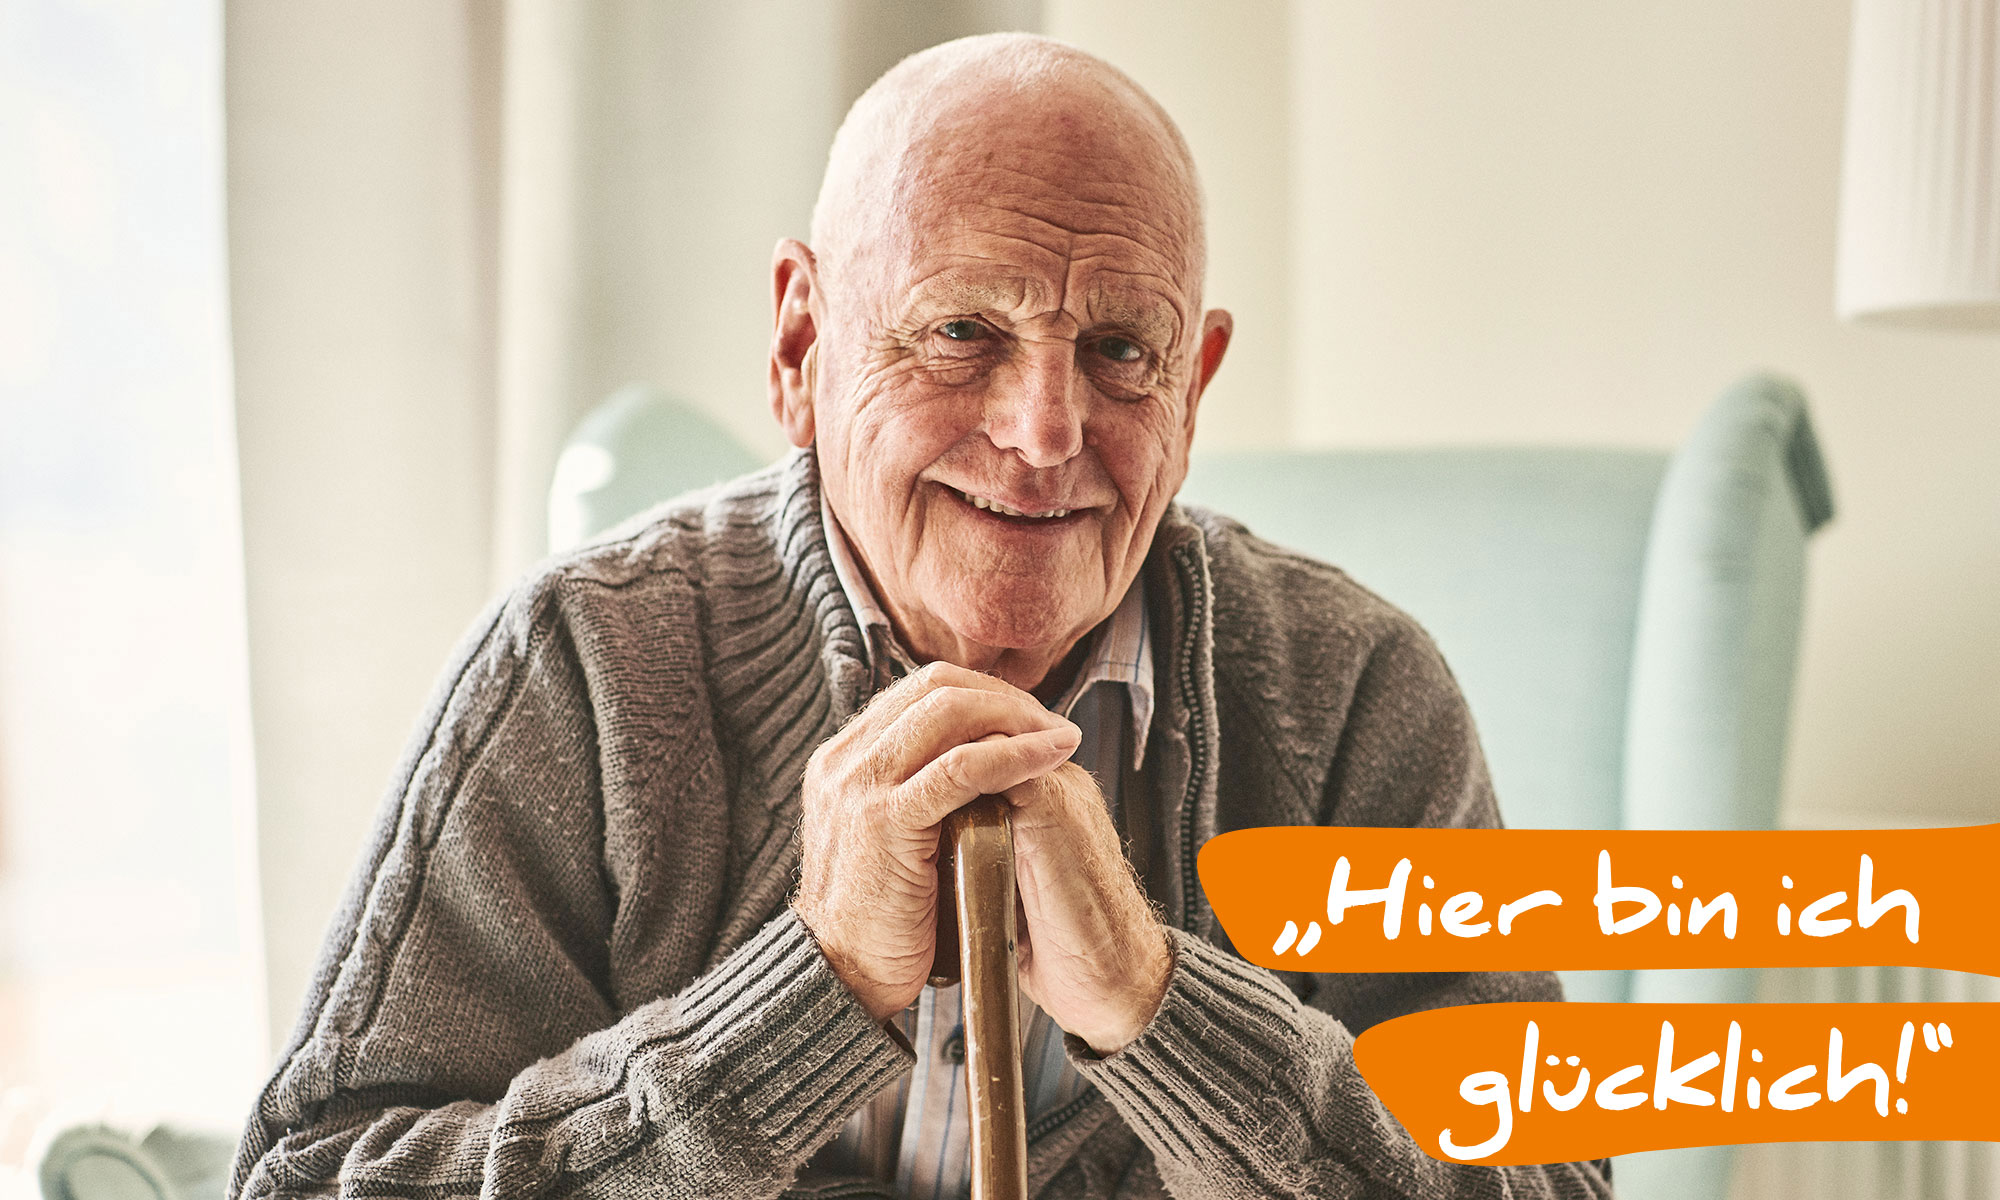 gutepflege-heidelberg_hier-bin-ich-gluecklich_text